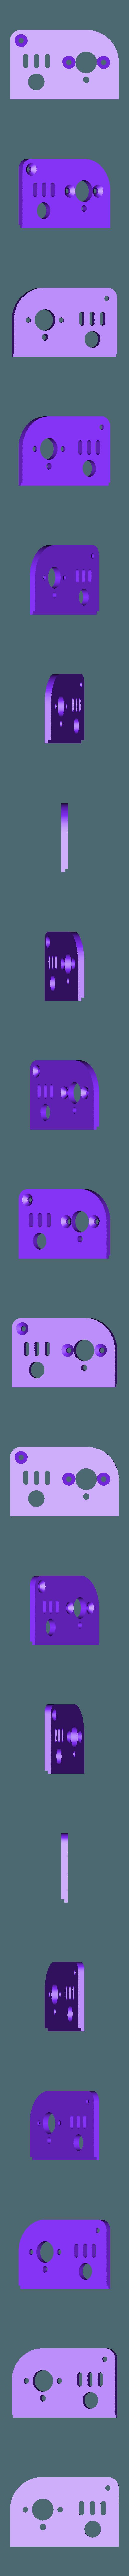 Motor_Support_B.STL Télécharger fichier STL gratuit Machine universelle pour tour miniature • Modèle pour imprimante 3D, perinski